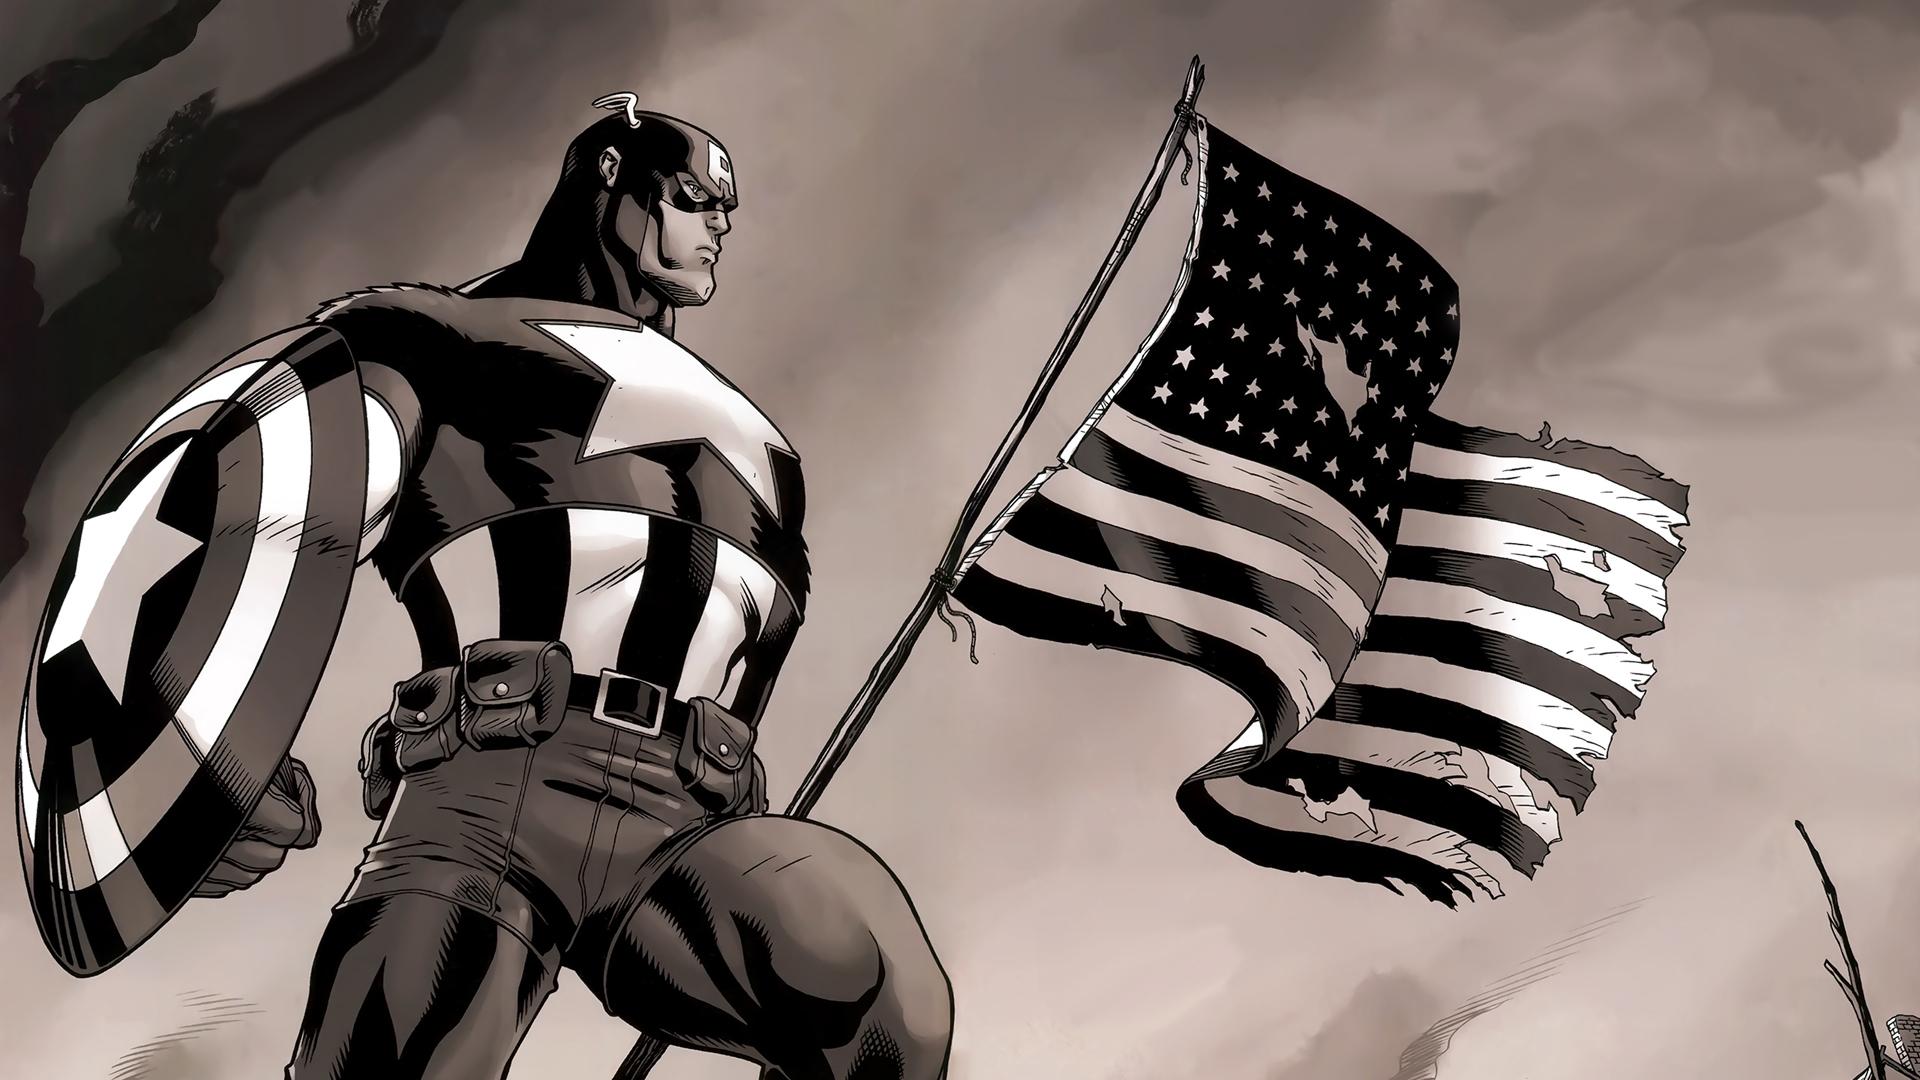 48 Captain America Wallpaper Comic Book On Wallpapersafari